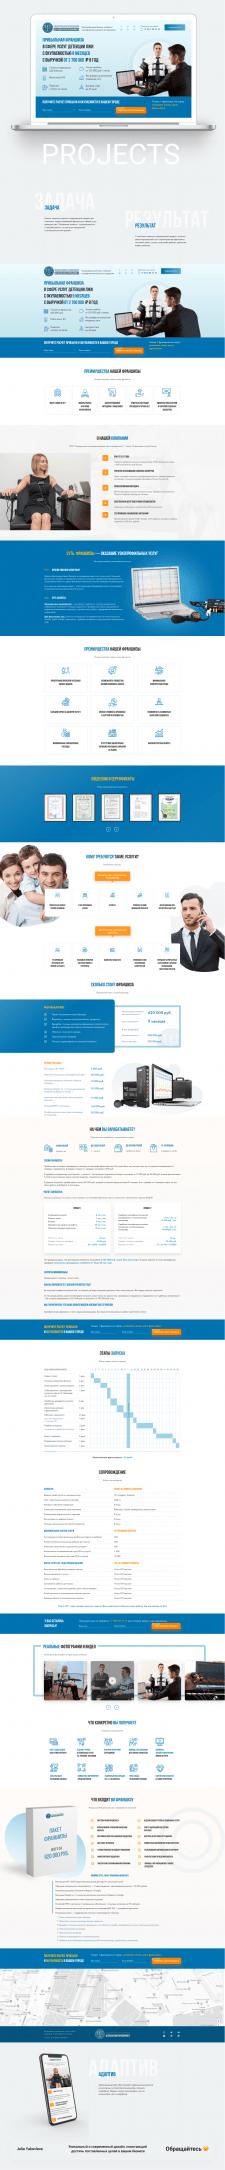 Дизайн Landing Page для ФА детекции лжи